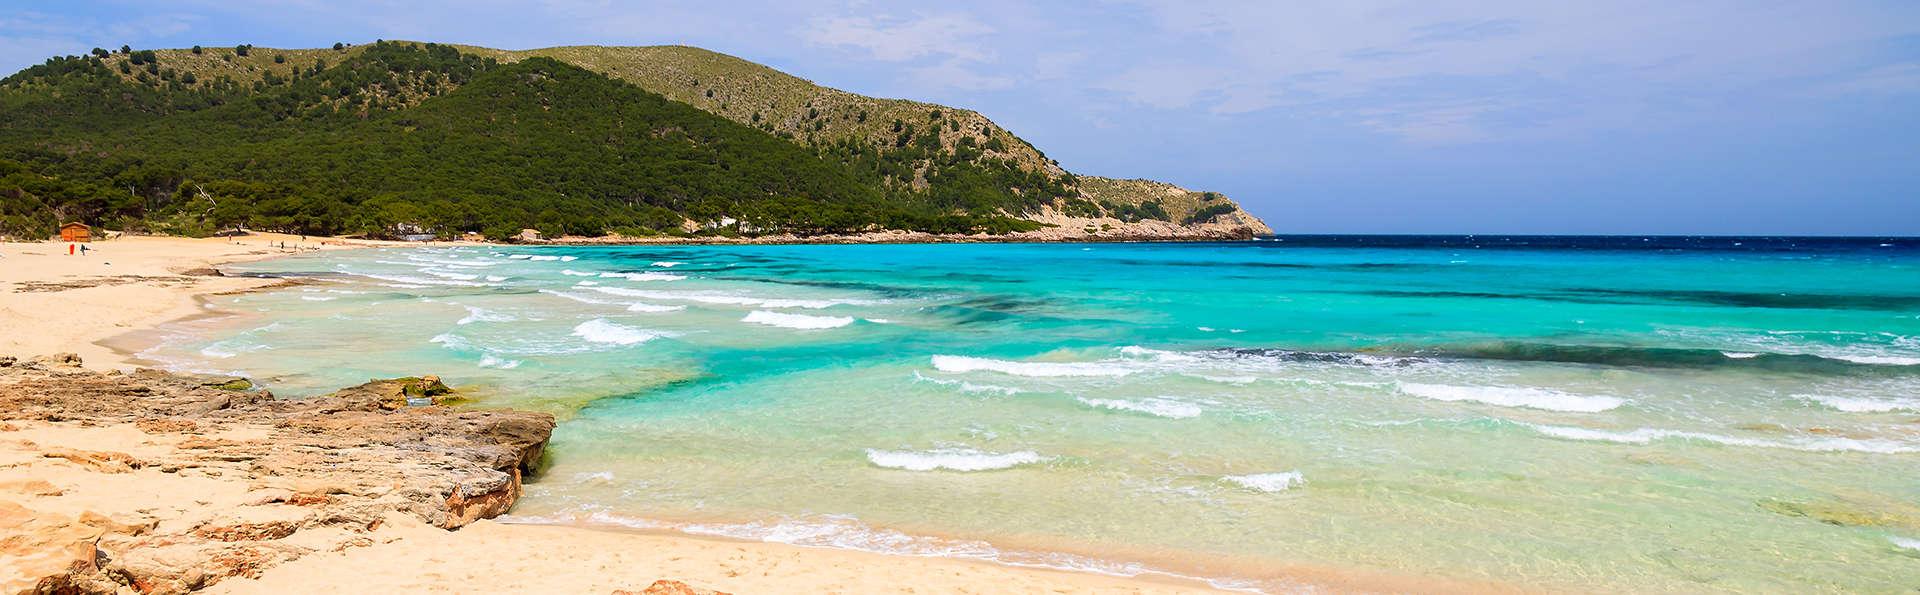 Découvrez le charme de Palma de Majorque avec accès au Cap Vermell Country Club